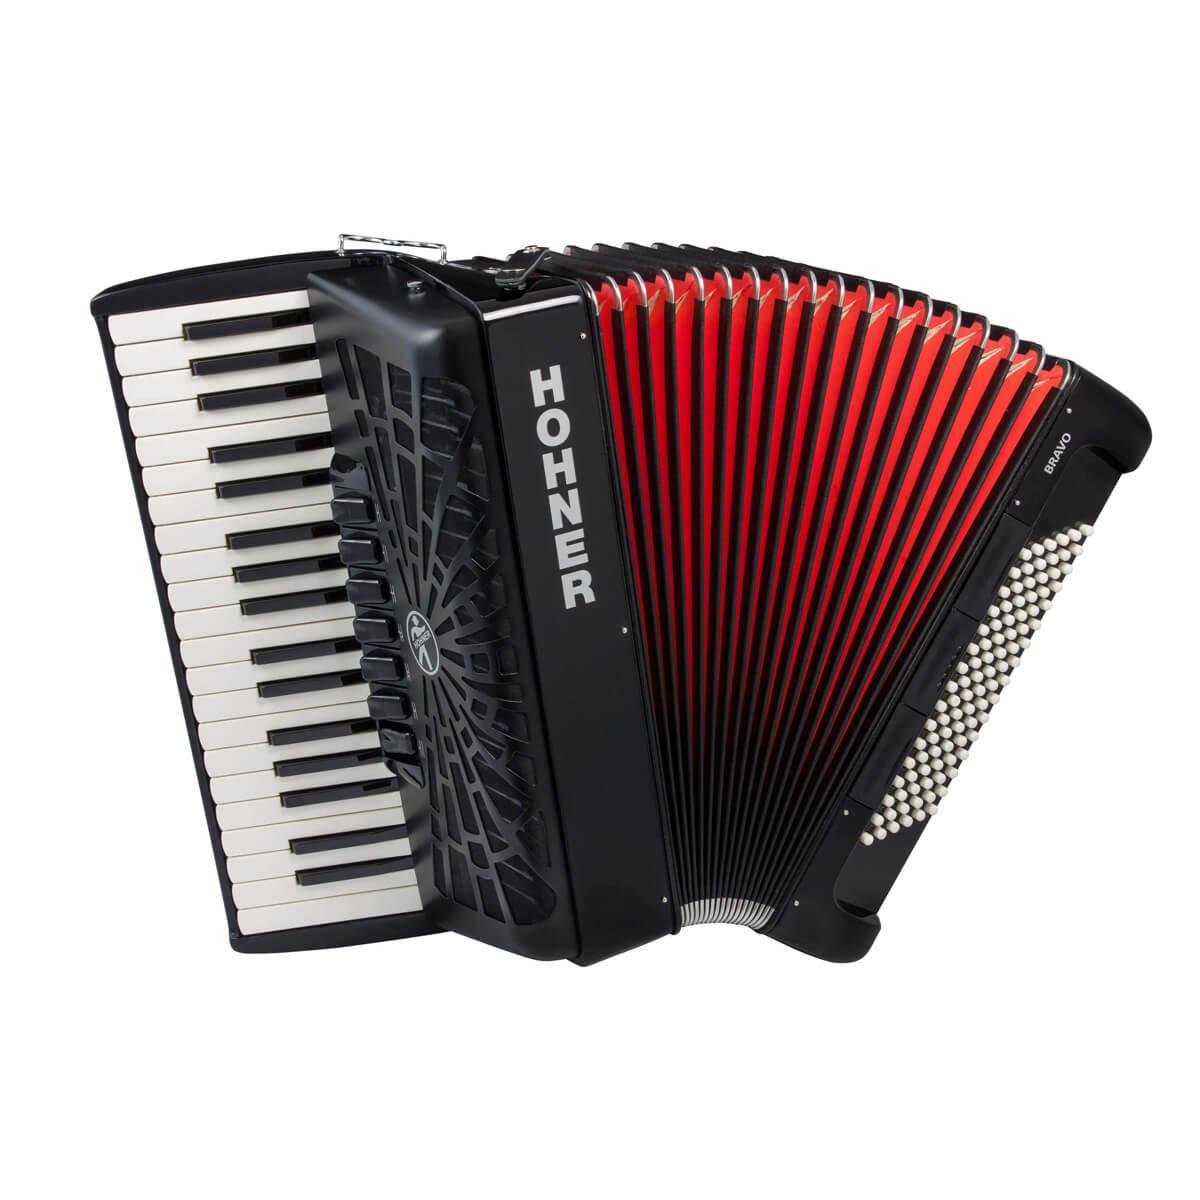 Hohner Bravo III 96 piano-harmonika sort